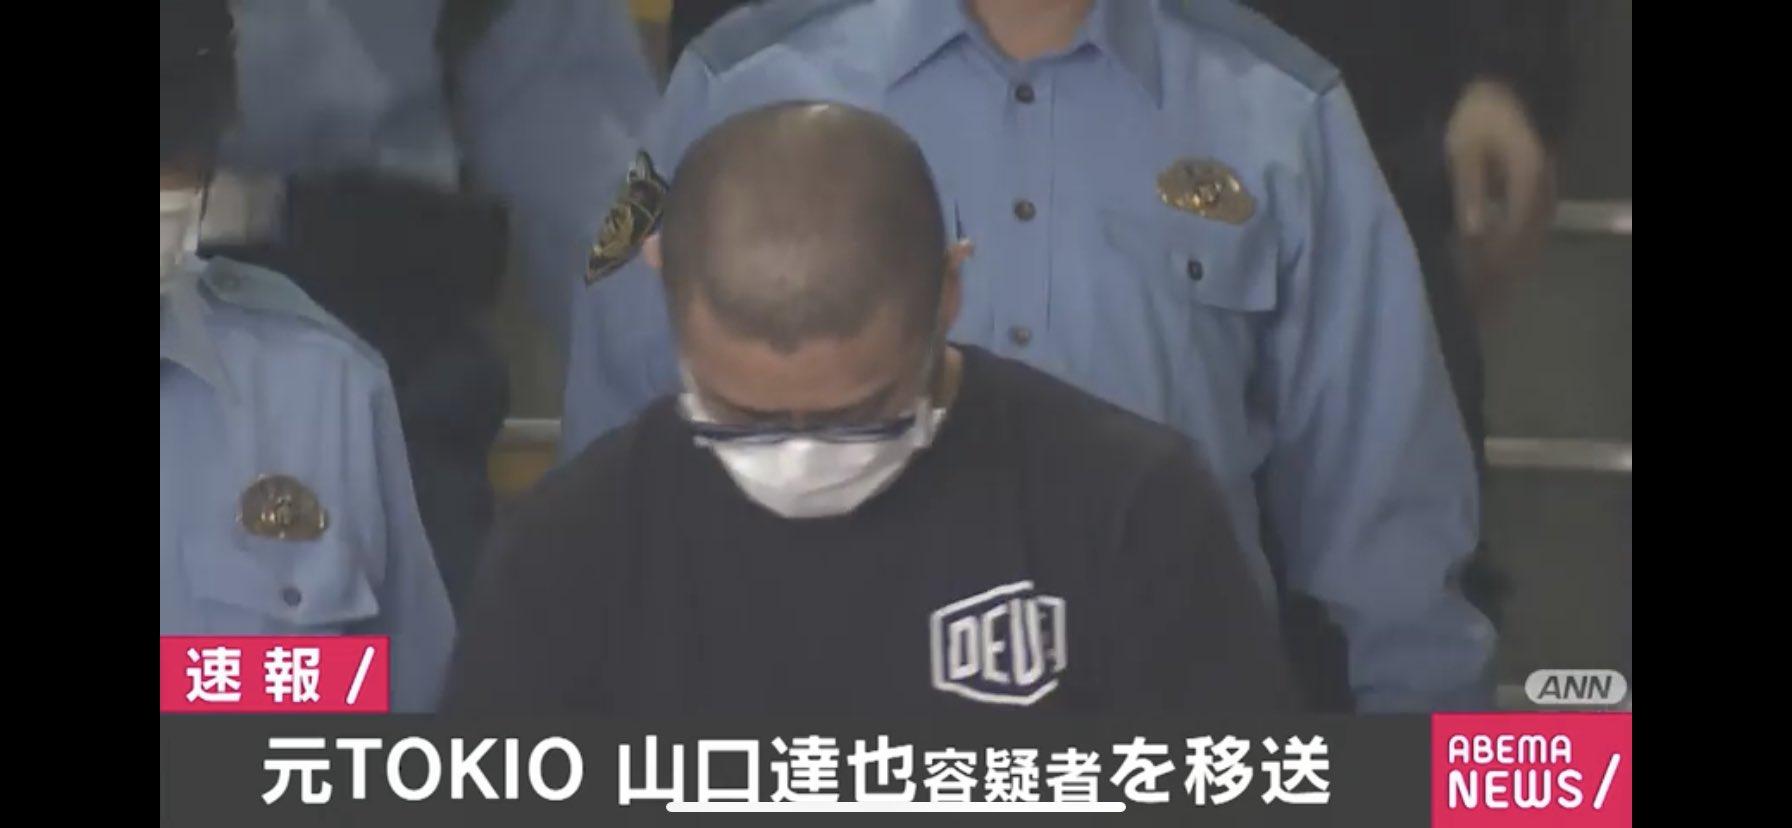 画像,よりによってなんちゅーTシャツ着てるんだ#山口達也#山口メンバー #TOKIO https://t.co/zH61D6VX8N…